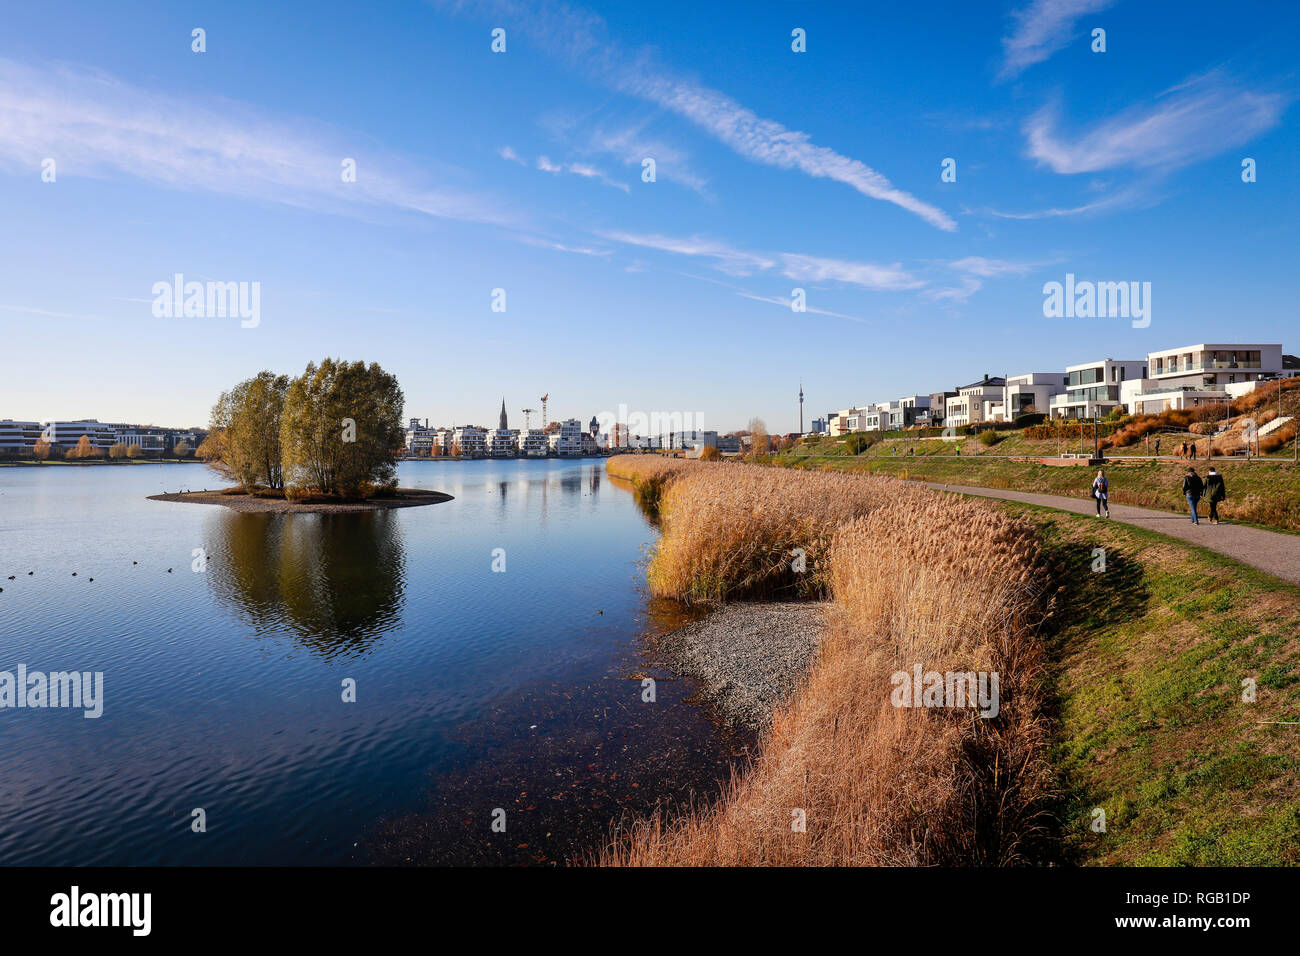 15.11.2018, Dortmund, Renania settentrionale-Vestfalia, Ruhrgebiet, Deutschland - Phoenix-See, der Phoenix-See ist ein kuenstlich angelegter vedere auf dem ehemaligen Foto Stock